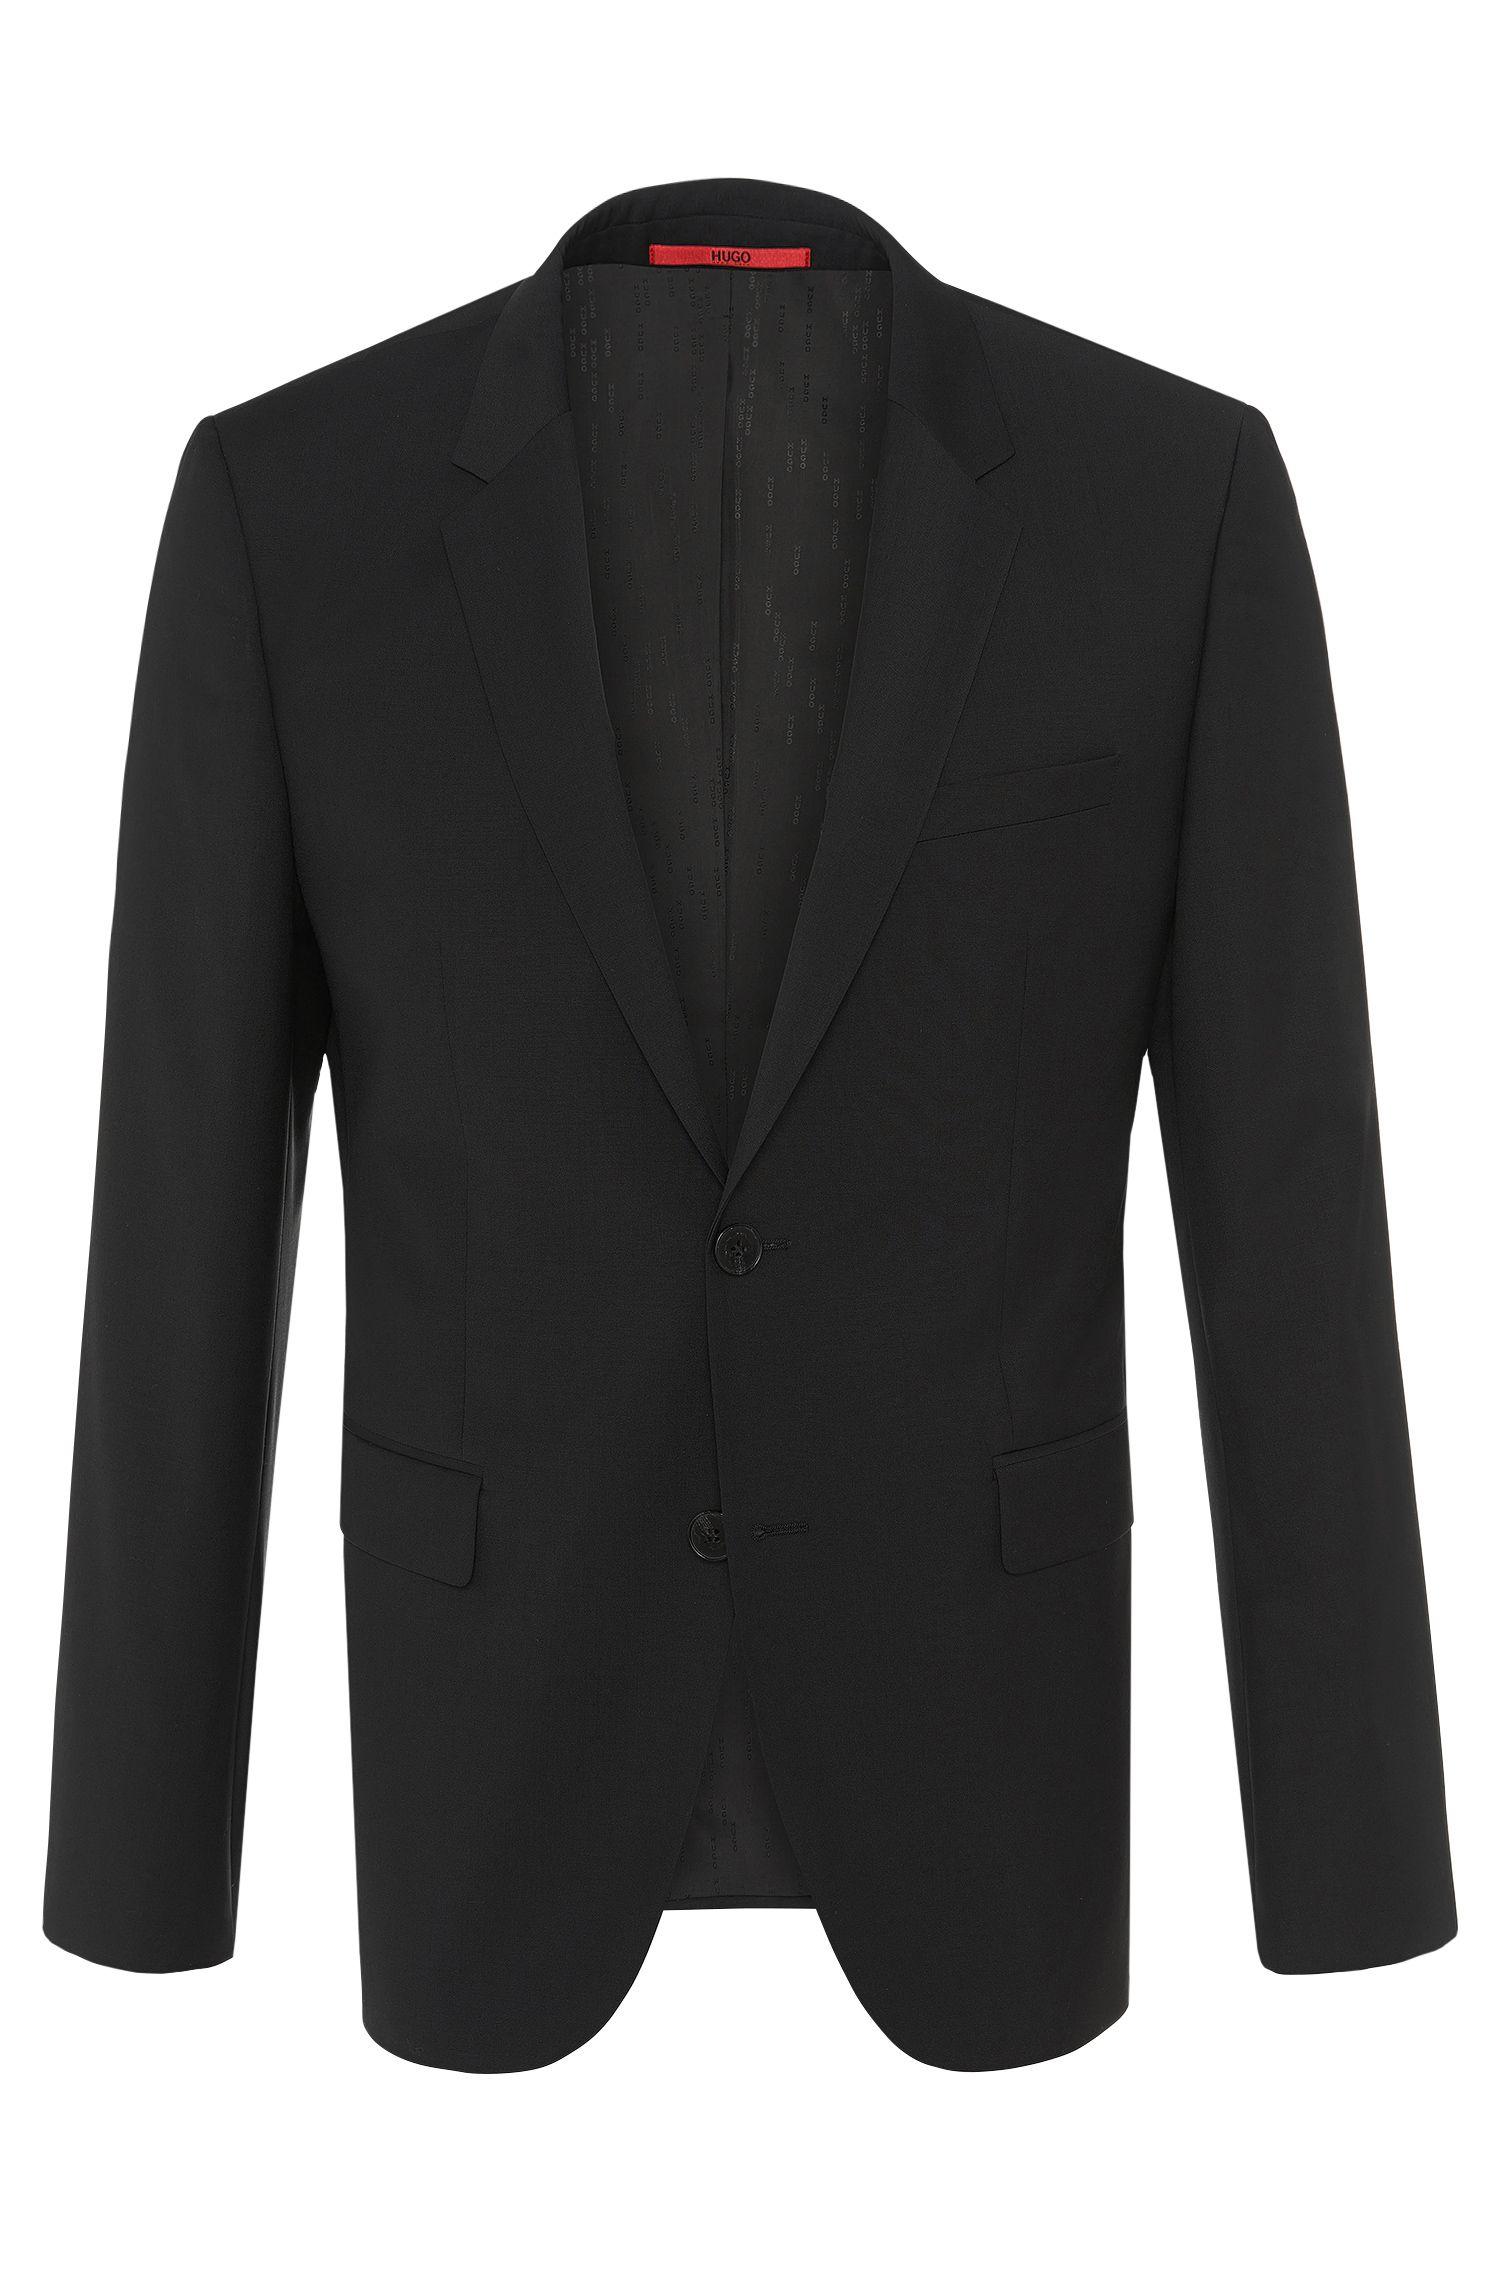 'AerinS' | Slim Fit, Virgin Wool Sport Coat